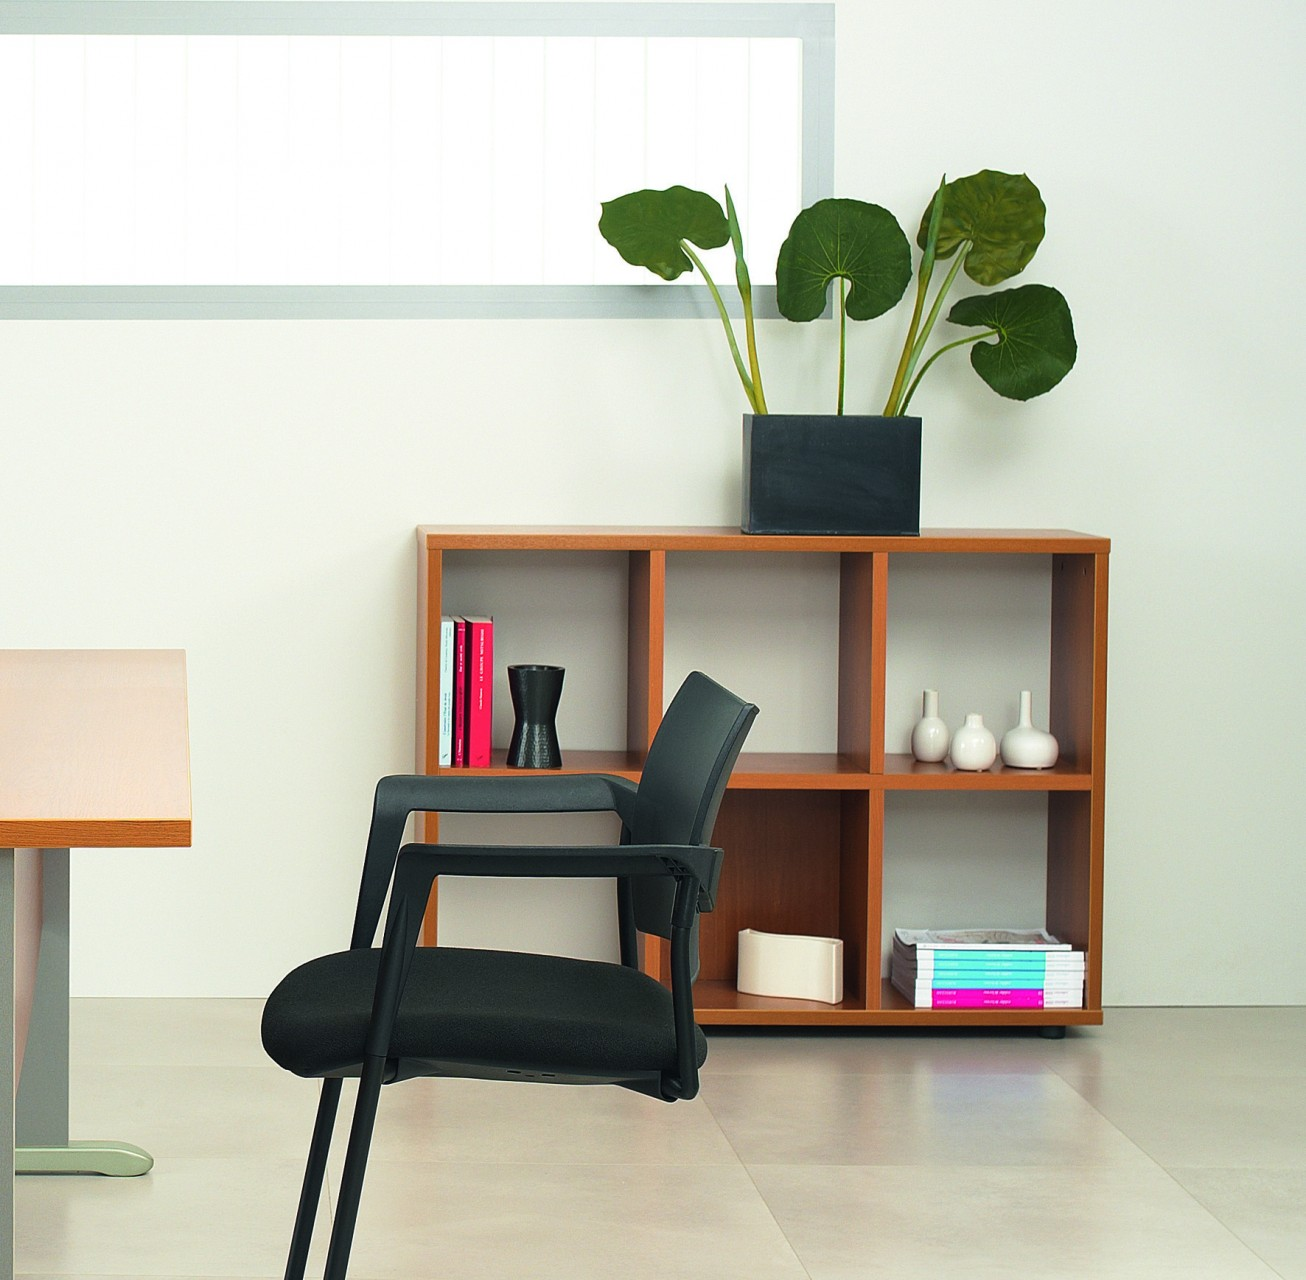 etag re basse cubic. Black Bedroom Furniture Sets. Home Design Ideas